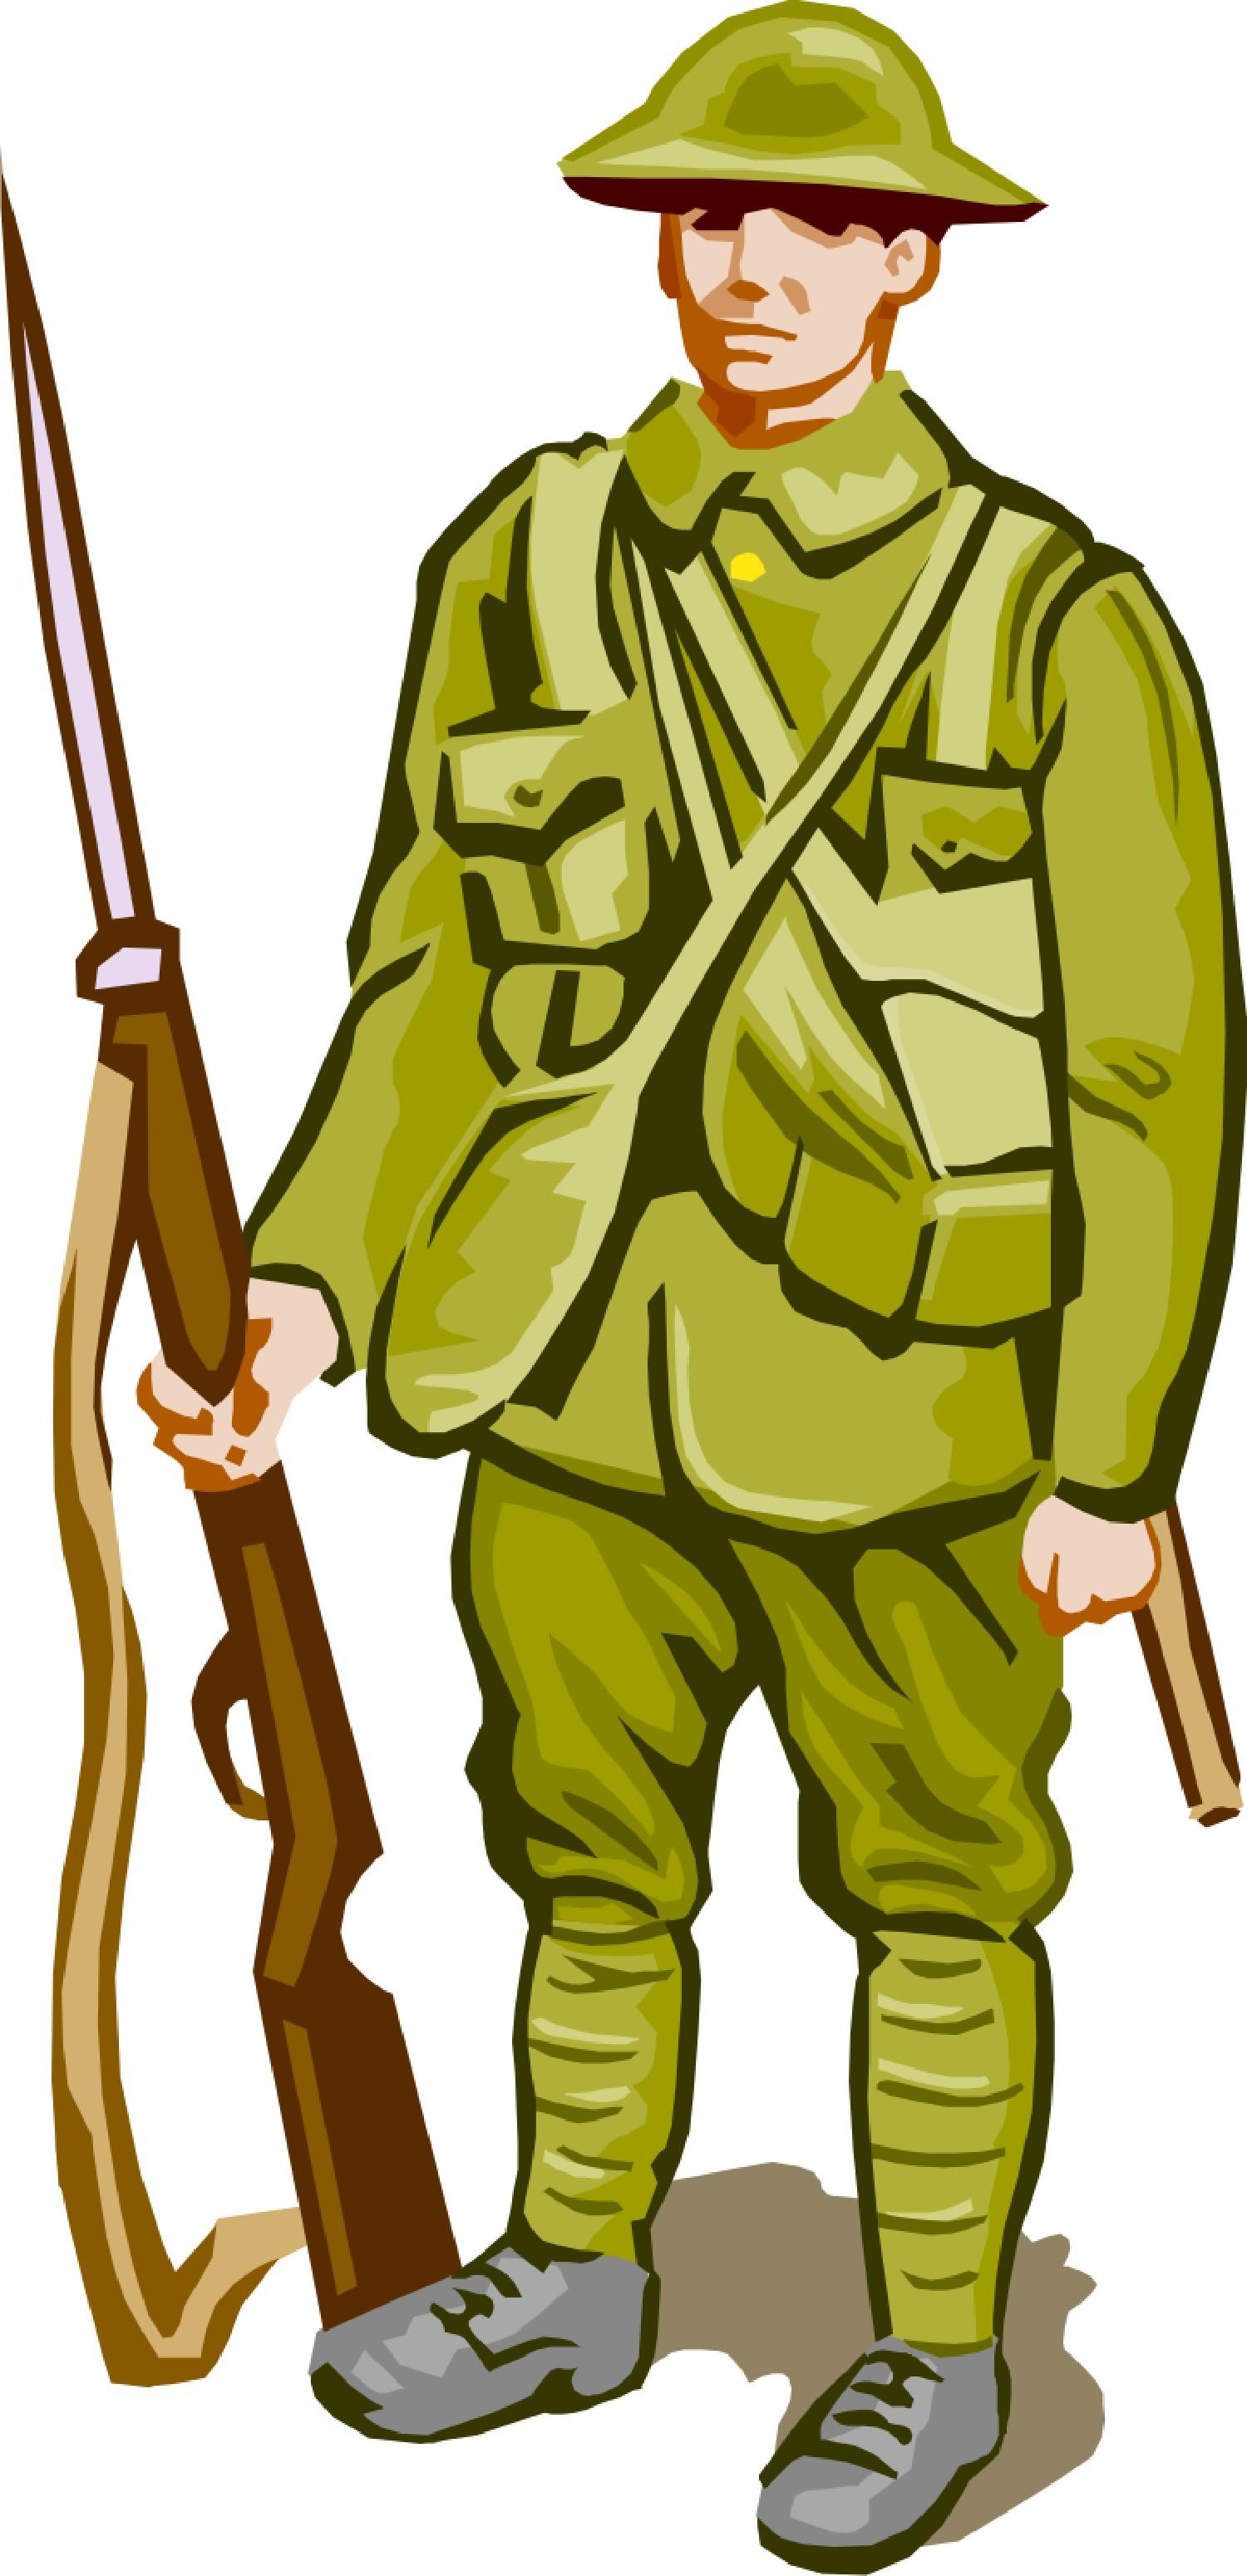 World war 1 cartoon clipart download World war 1 cartoon clipart - ClipartFest download